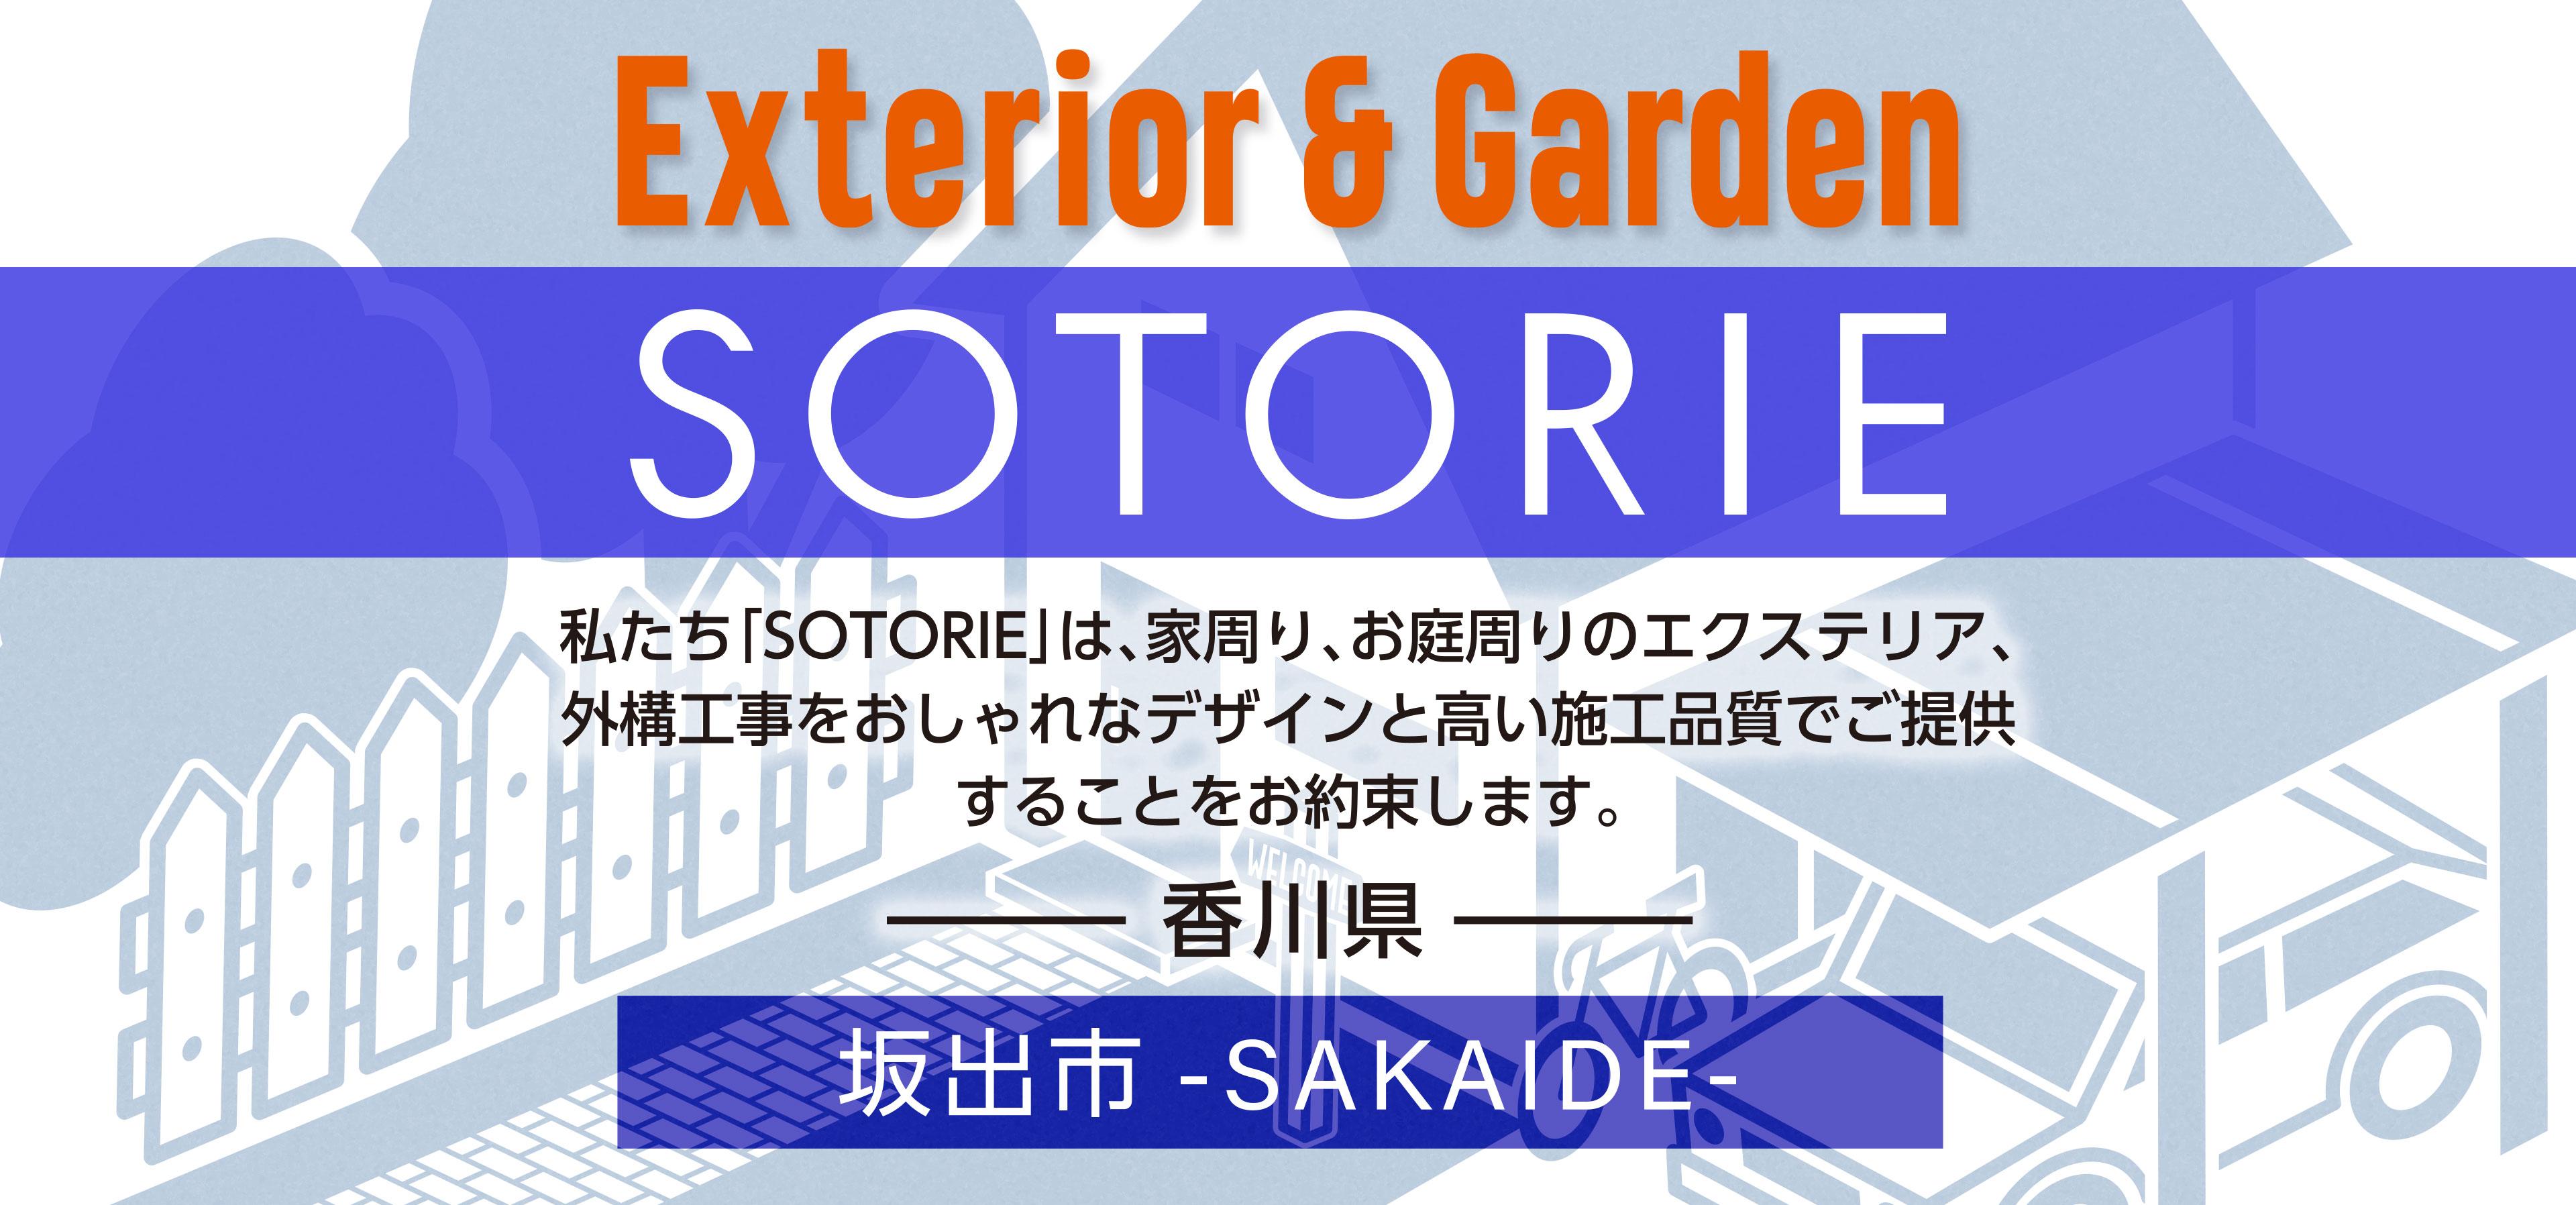 ソトリエ坂出市では、家周りと庭周りの外構、エクステリア工事をおしゃれなデザインと高い施工品質でご提供することをお約束します。